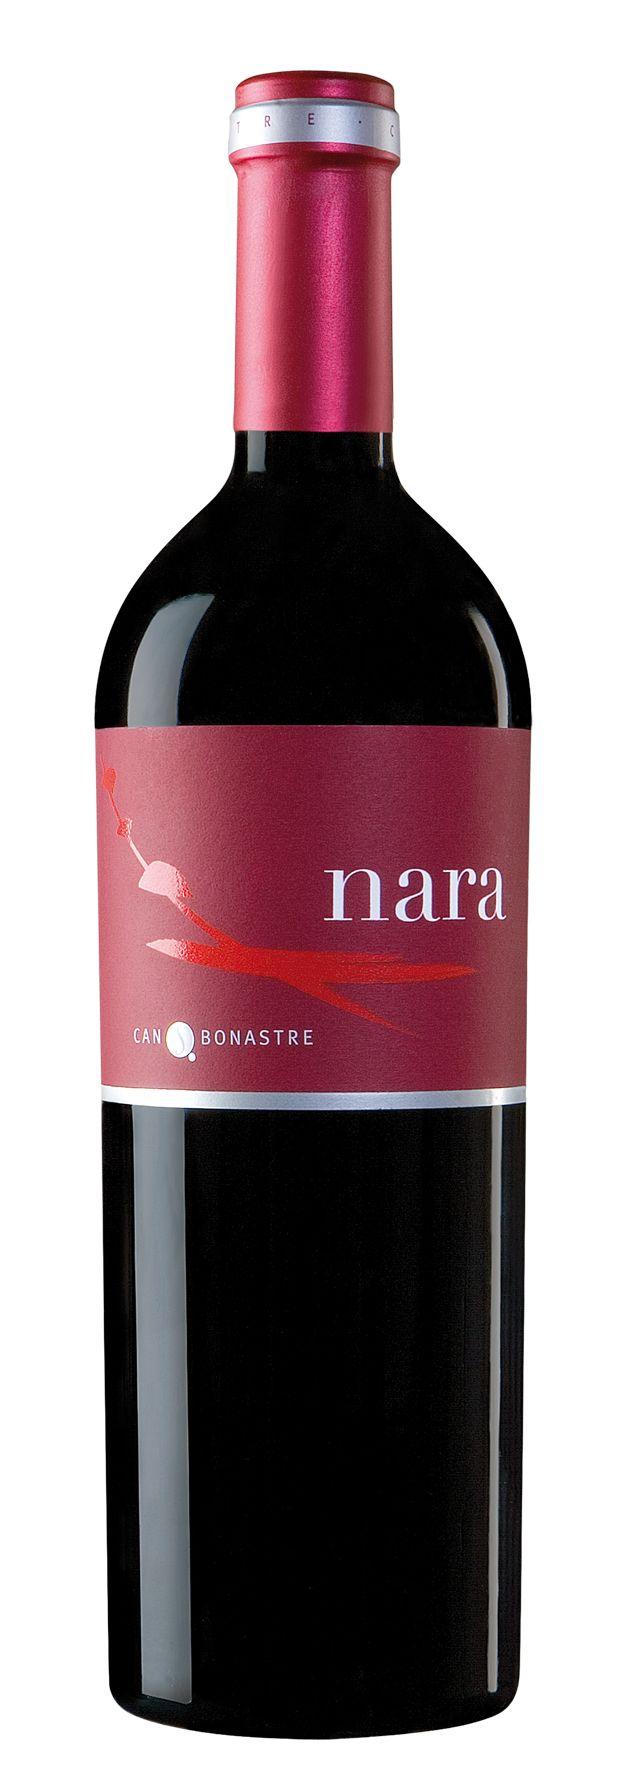 Nara Vino Wine Of Spain Mxm Wein